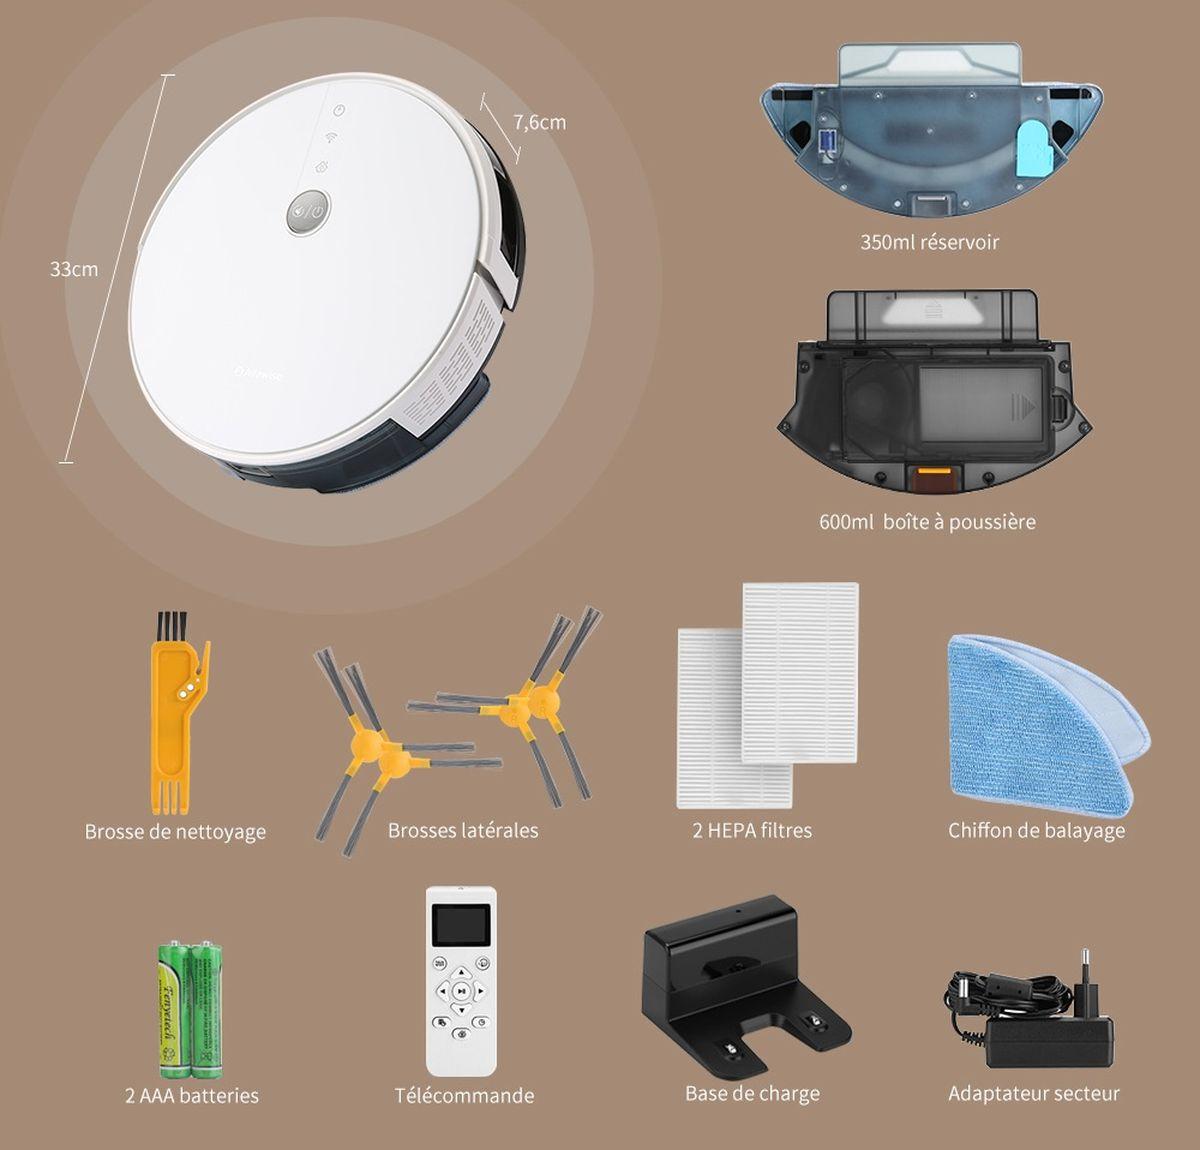 Alfawise V8S PRO E30B est un robot aspirateur qui vous propose une cartographie intelligente pour un nettoyage en profondeur.